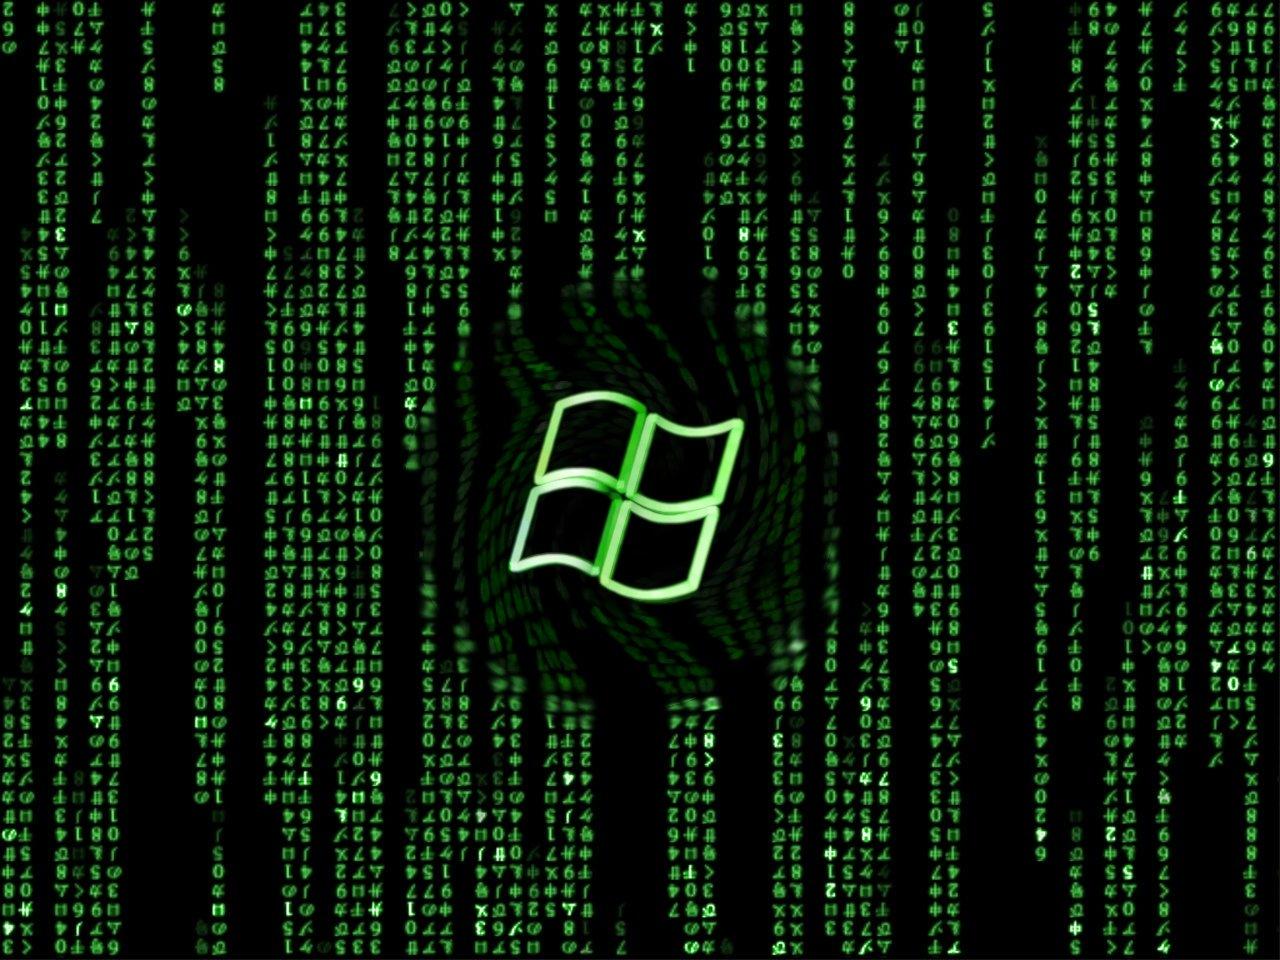 http://2.bp.blogspot.com/-2BcC_K_Hgjo/UM9MOJ017EI/AAAAAAAAI2w/khRoCcqQdbU/s1600/matrix-windows-xp.jpg